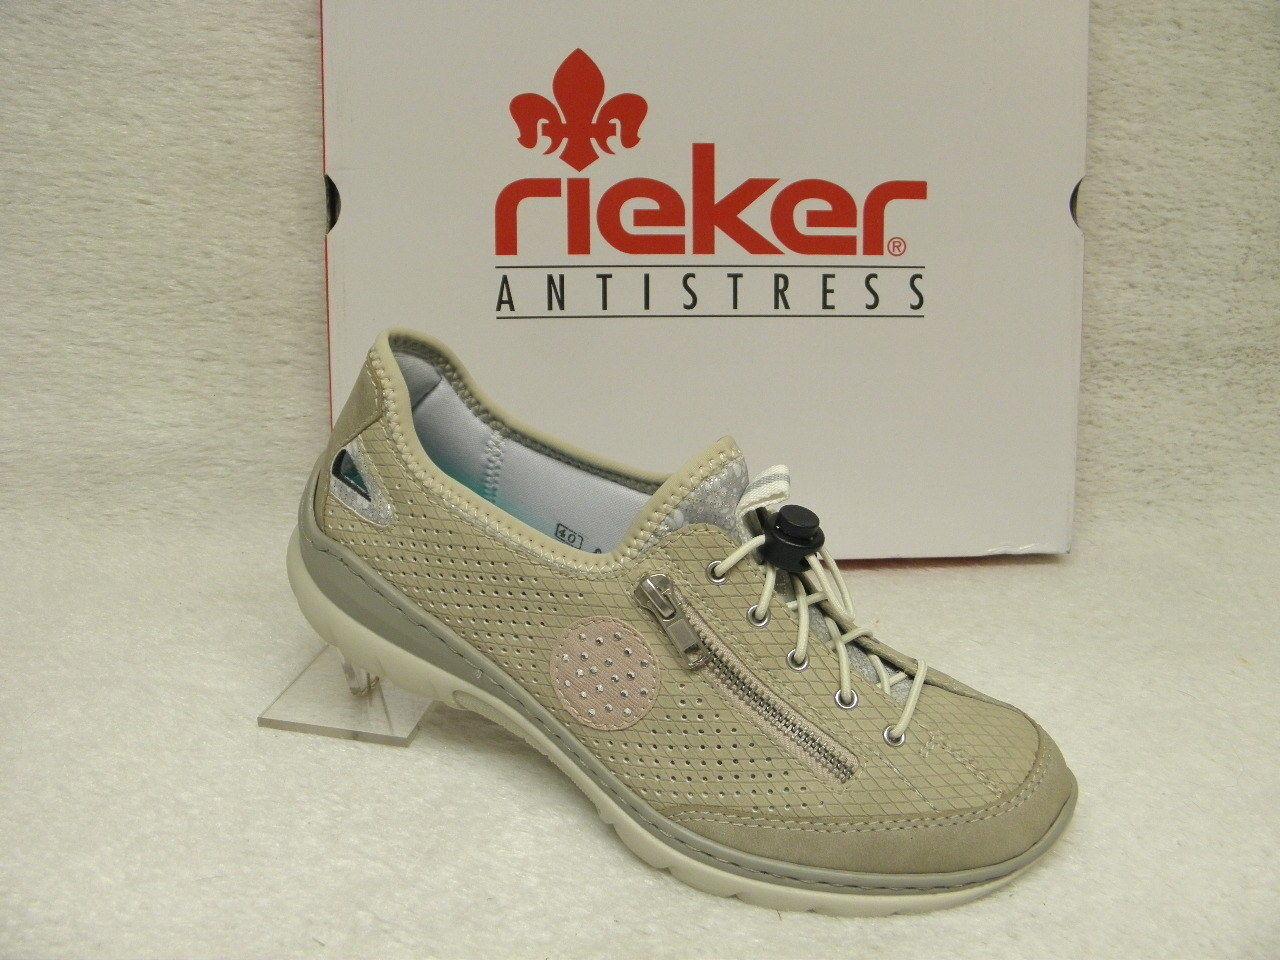 Rieker ® rojouce, hasta ahora  memo memo memo Soft-plantilla, super cómodos (r341)  ventas en linea